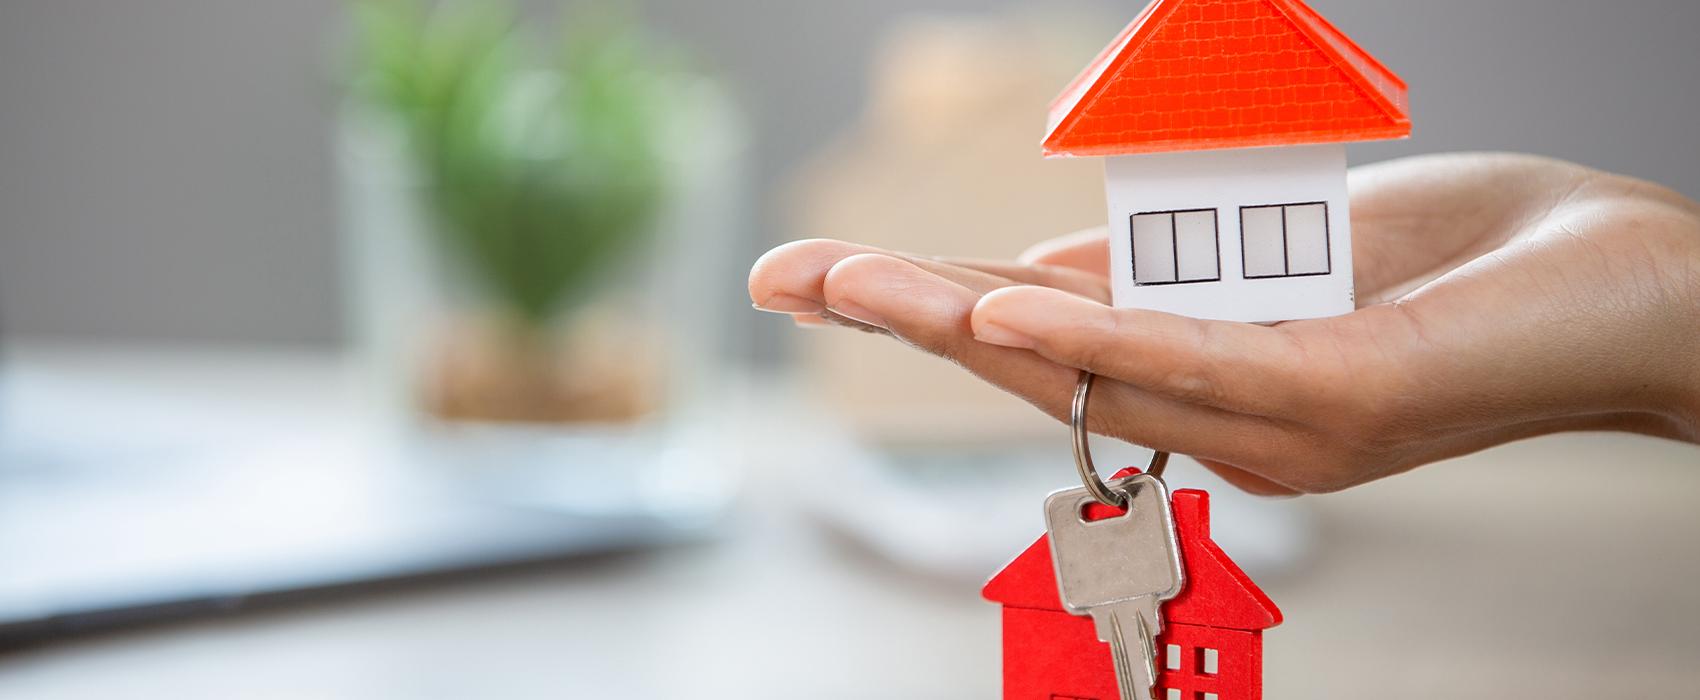 Comment vendre sa maison durant la crise Covid19, conseils avisés aux vendeurs & acquéreurs